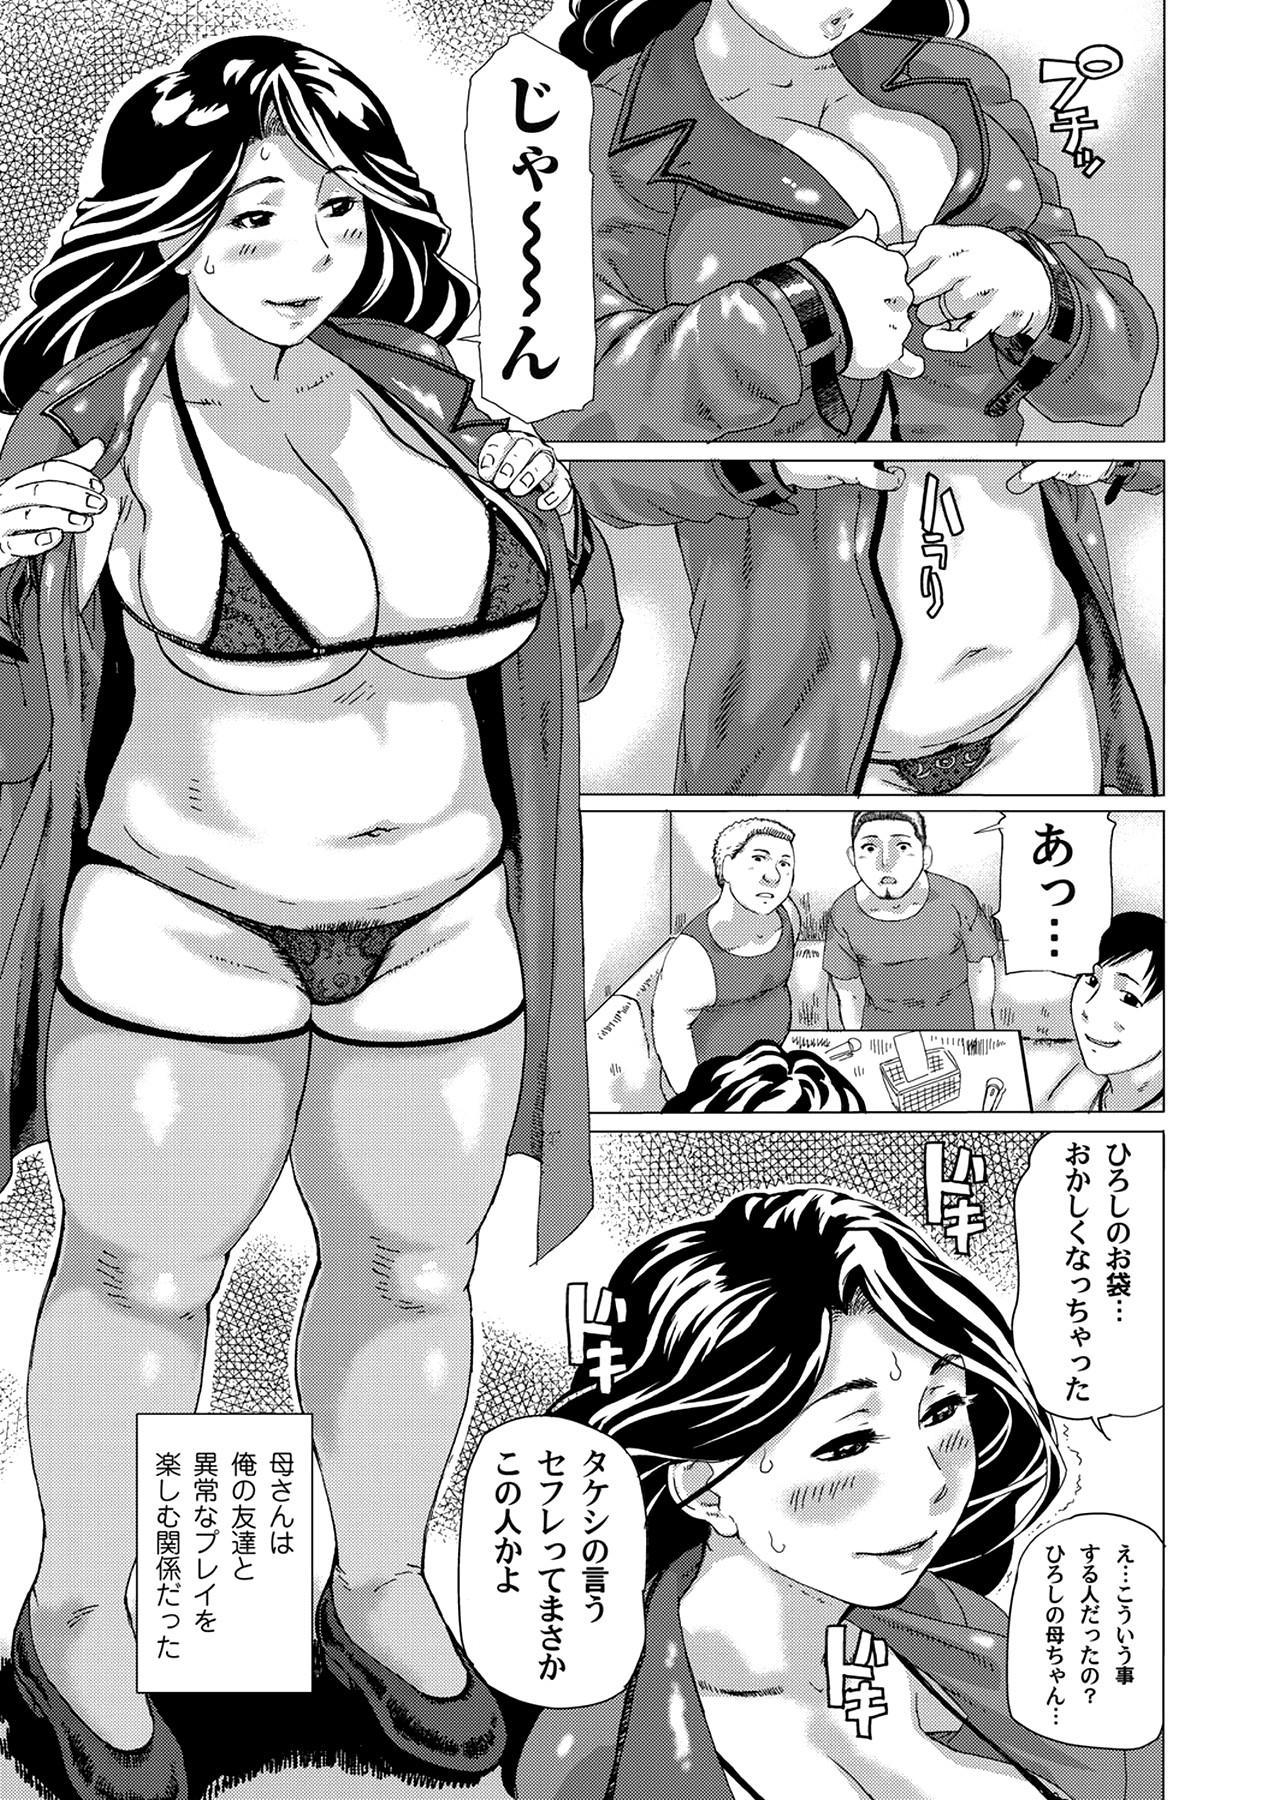 Boku no Hentai Okaa-san 2